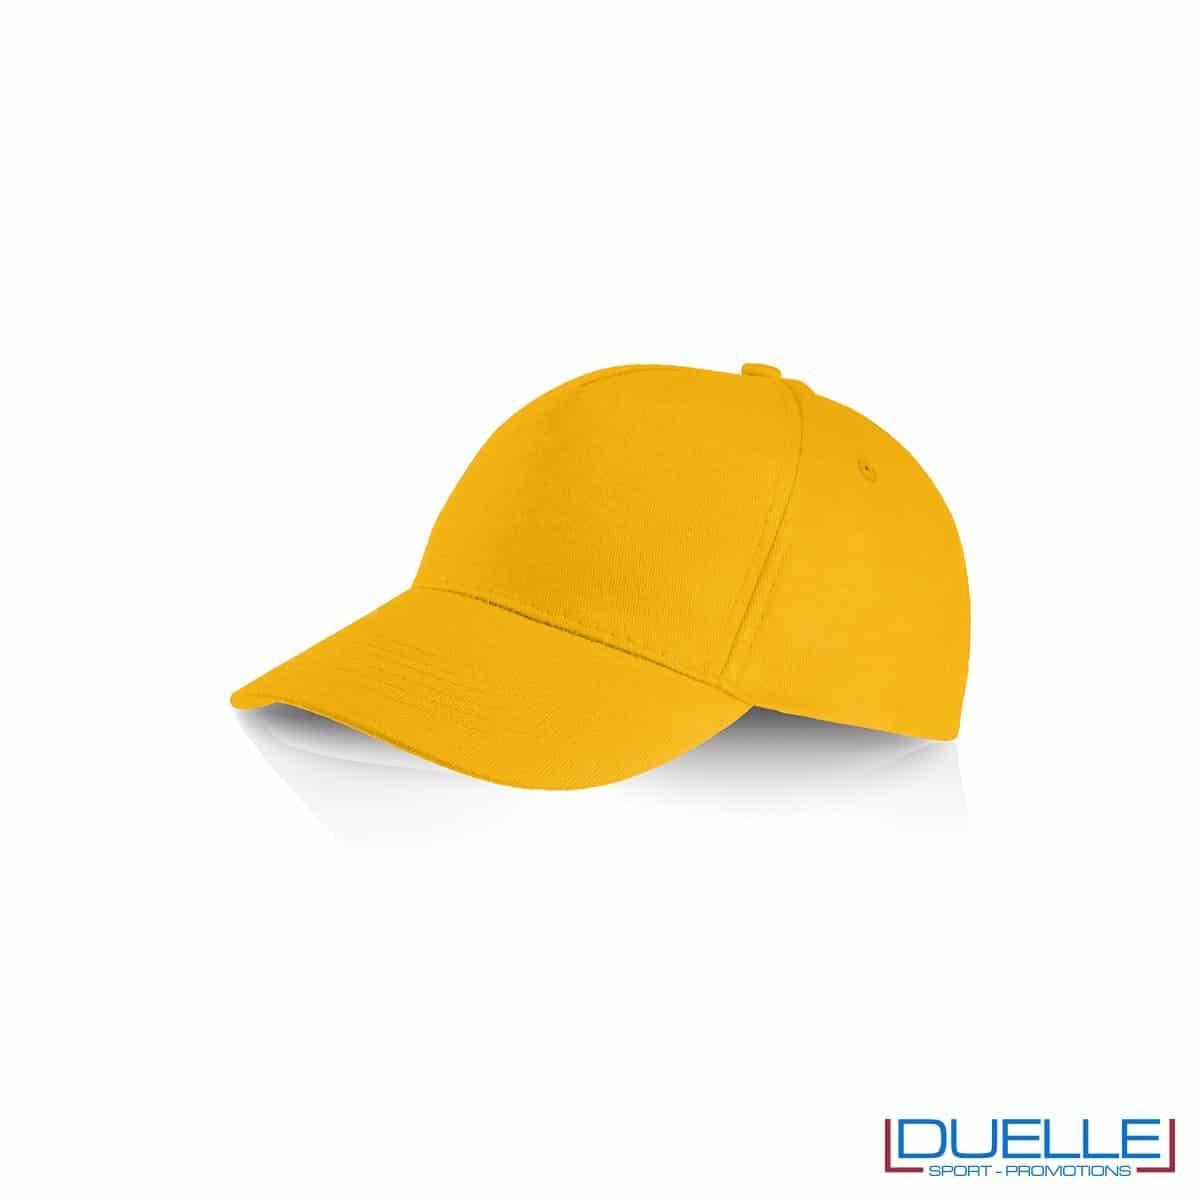 Cappellino personalizzato cotone giallo, cappellini promozionali baseball, cappellini baseball personalizzati giallo